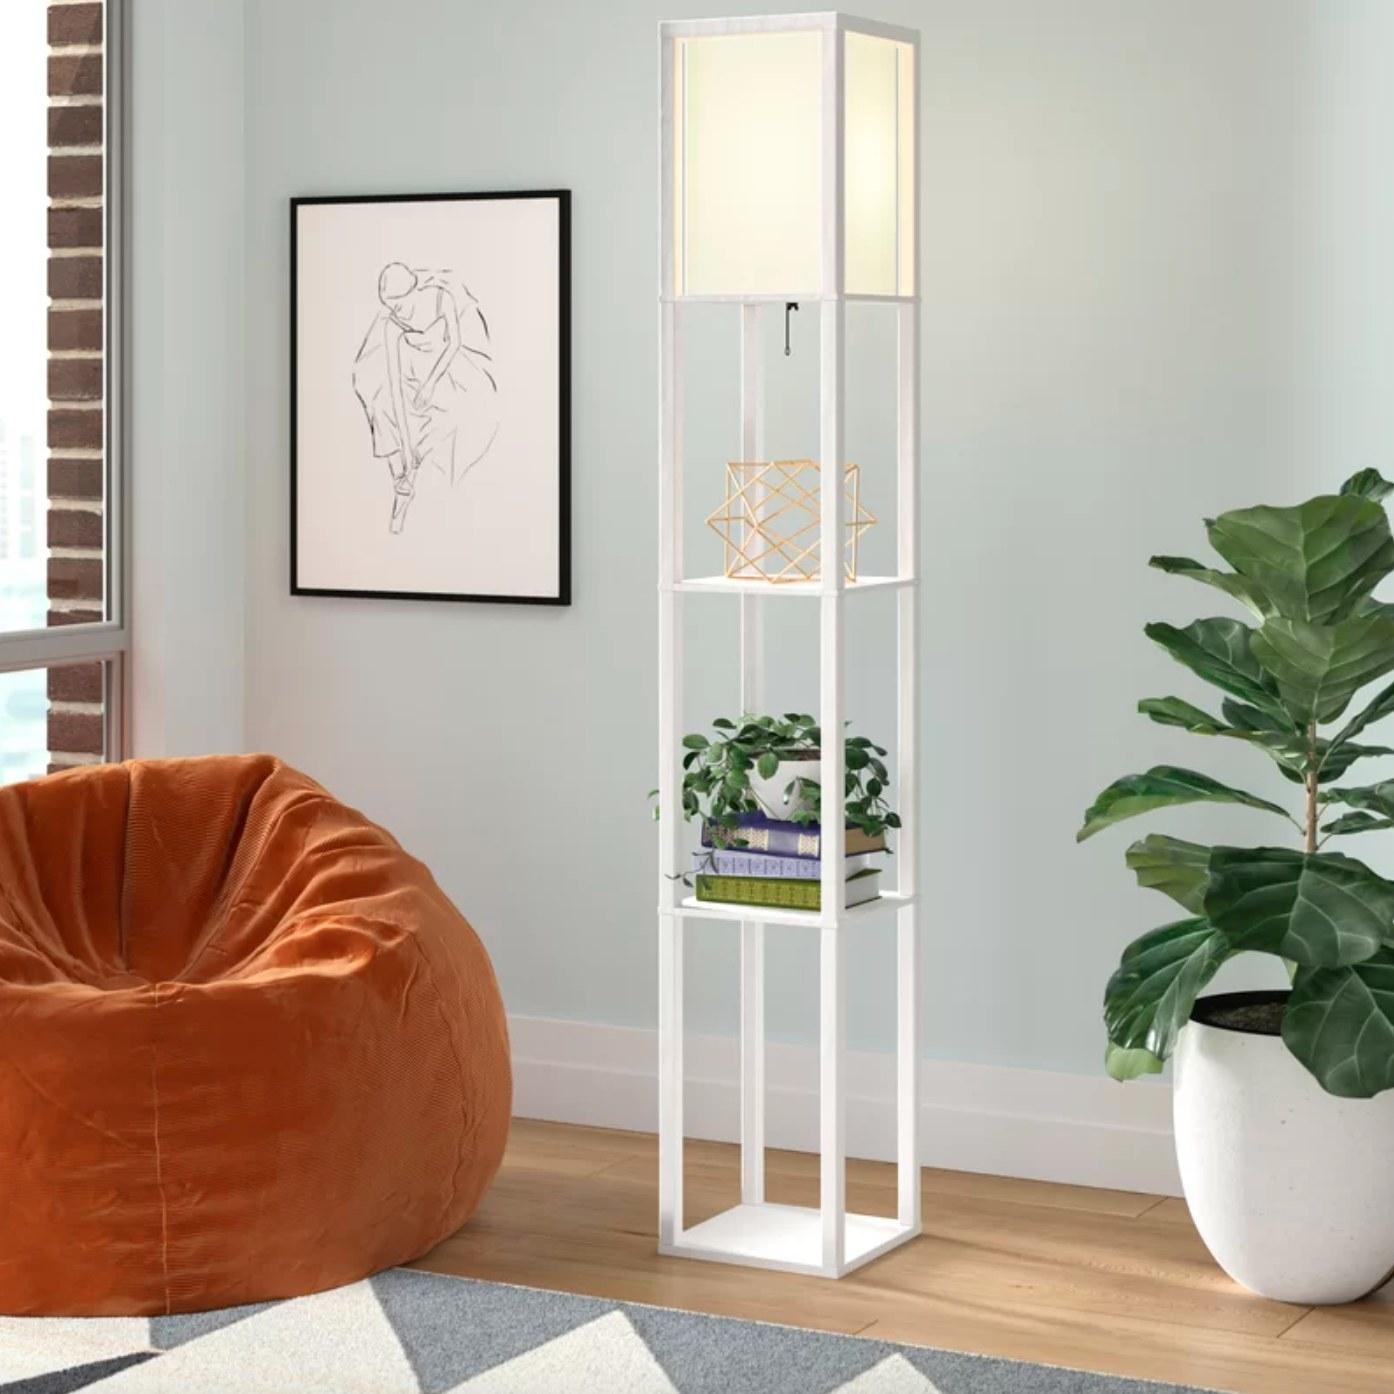 The light floor lamp in white